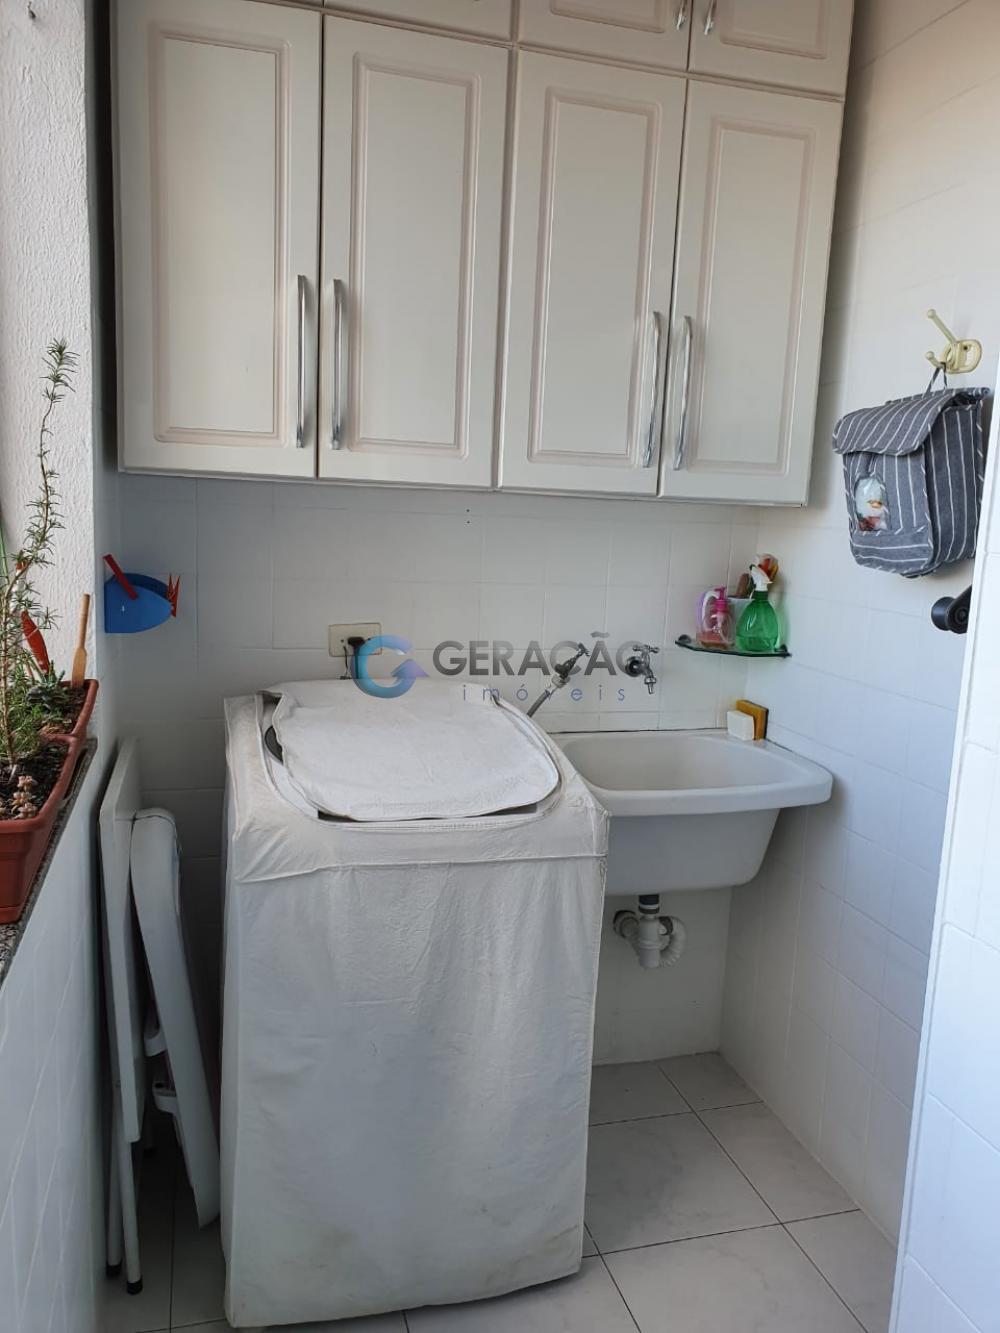 Comprar Apartamento / Padrão em São José dos Campos R$ 330.000,00 - Foto 8